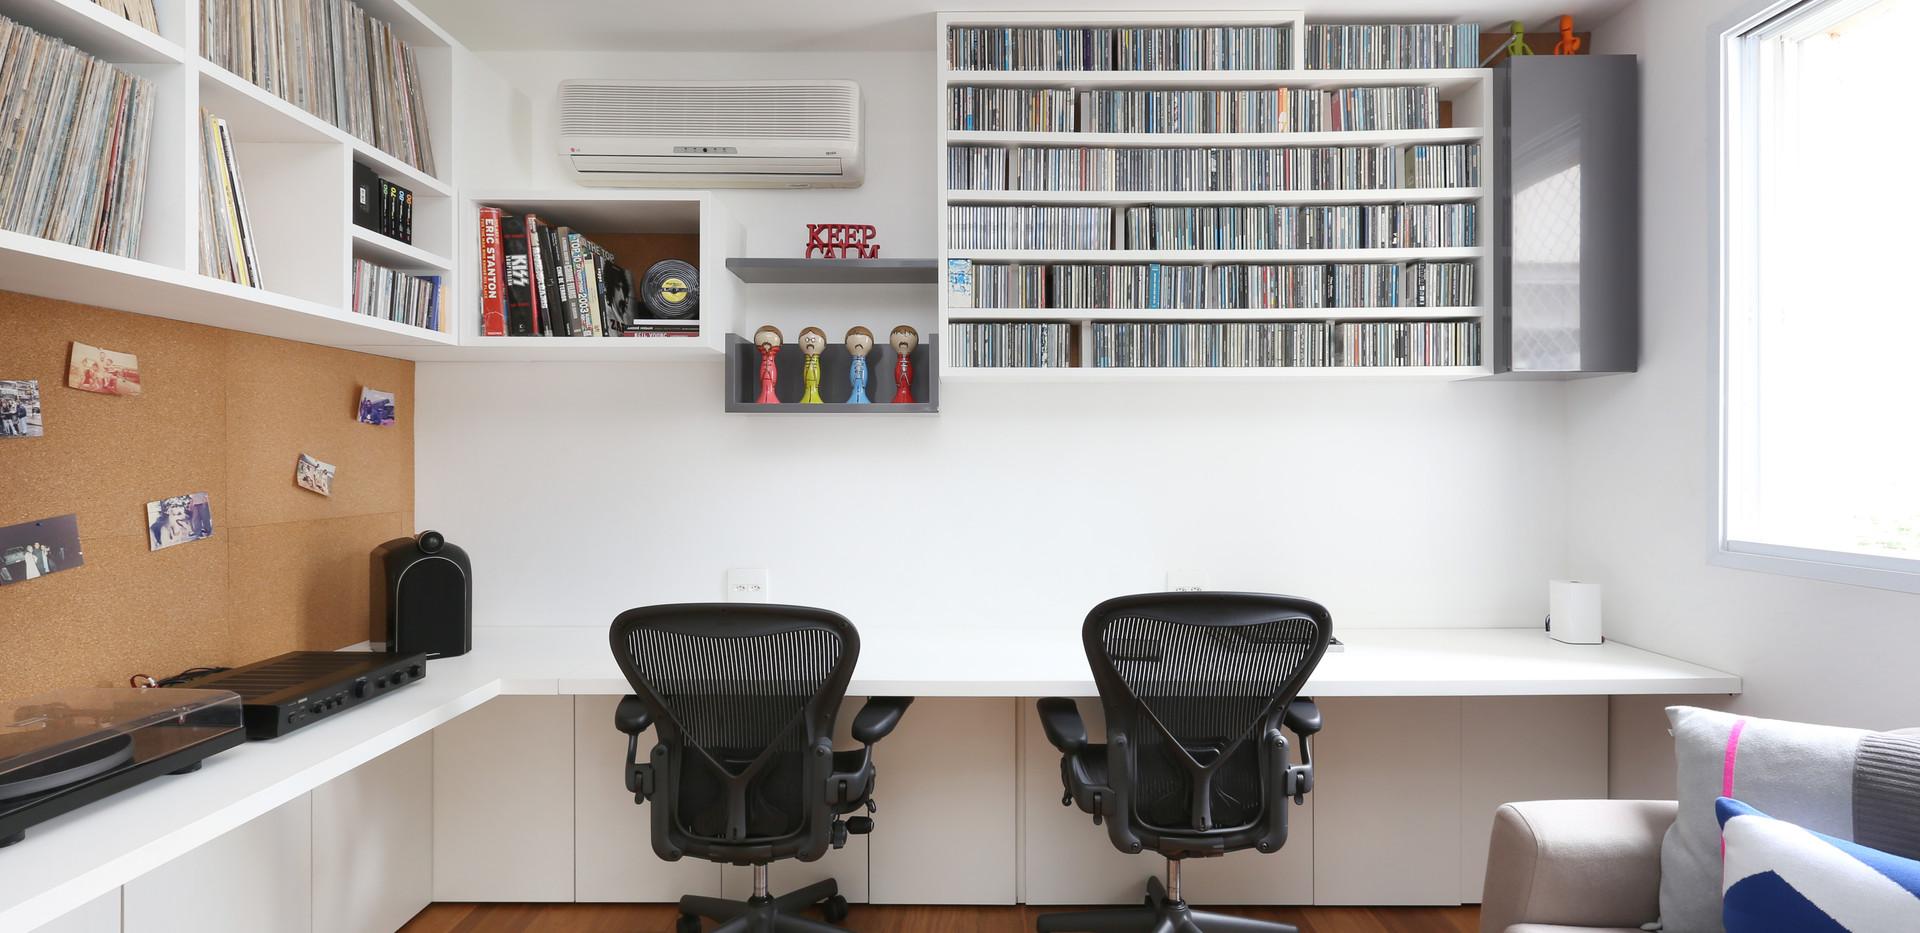 03 - Home Office  _ Sala de Musica.jpg